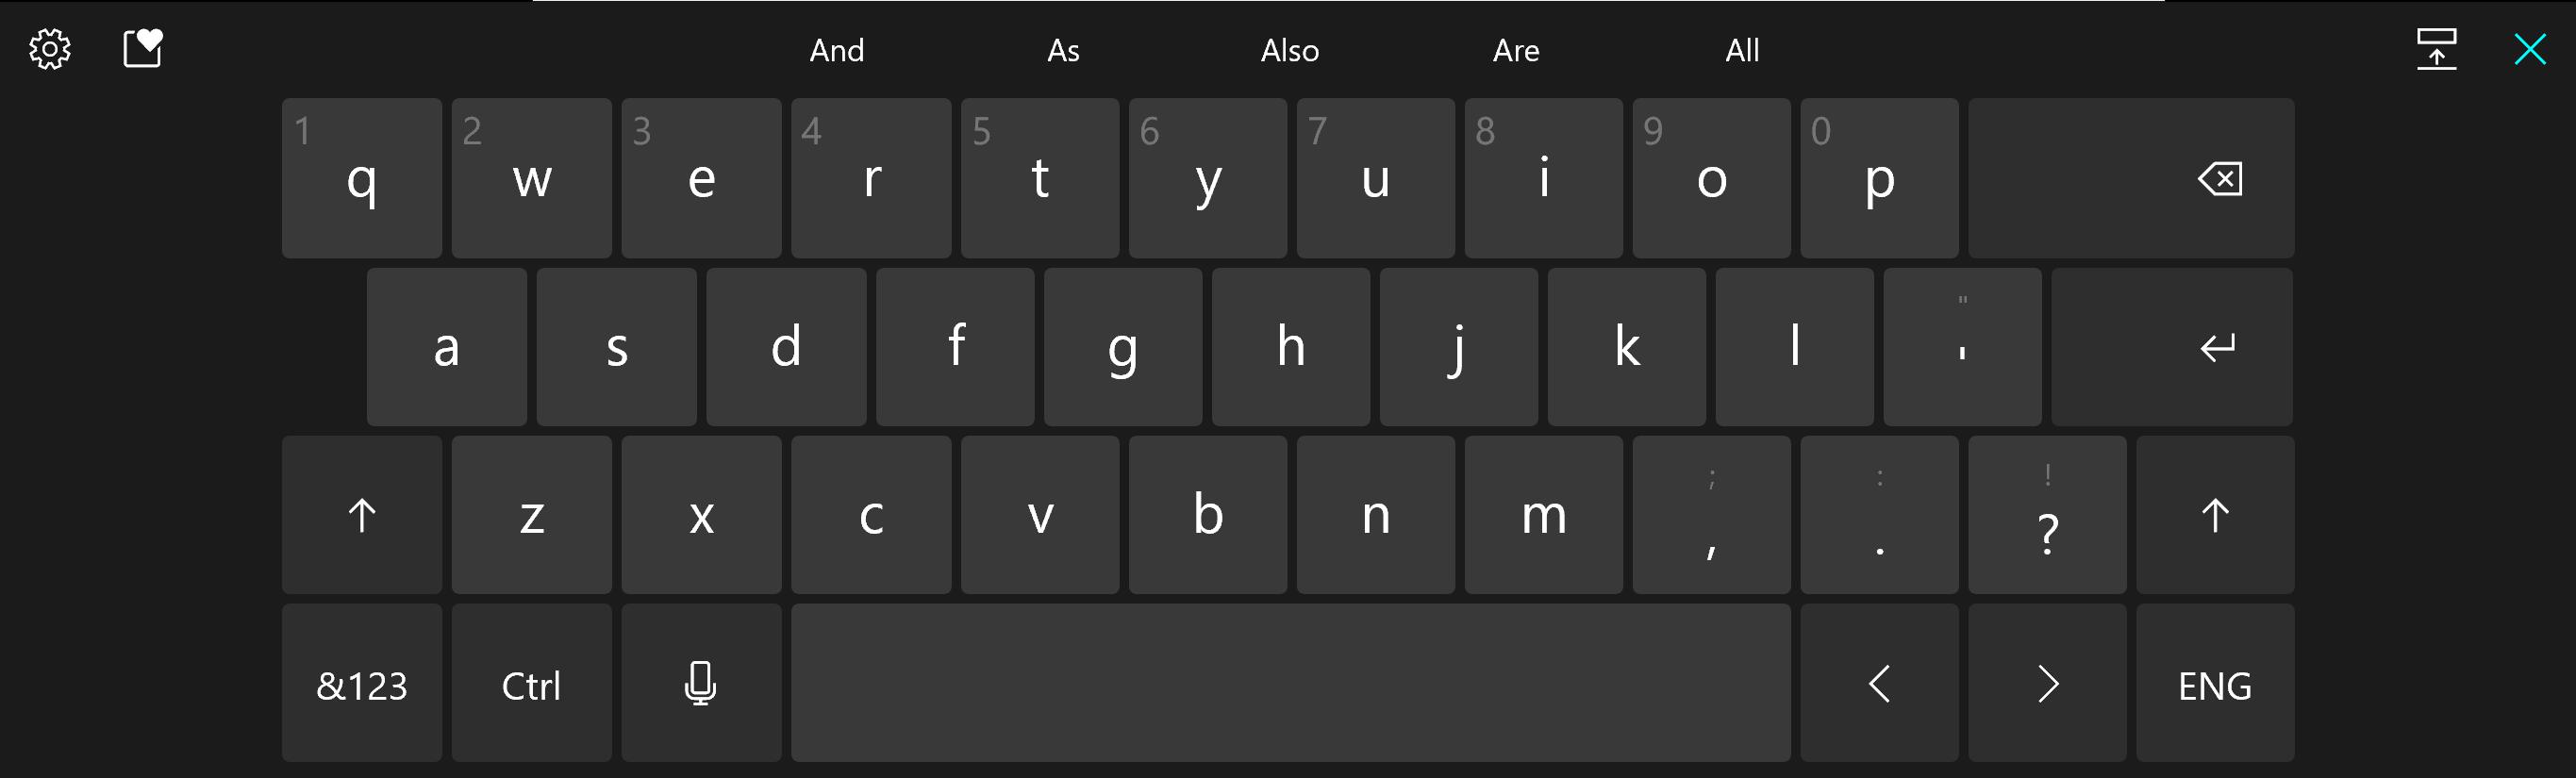 Miglioramenti al design della tastiera touch in Windows 10